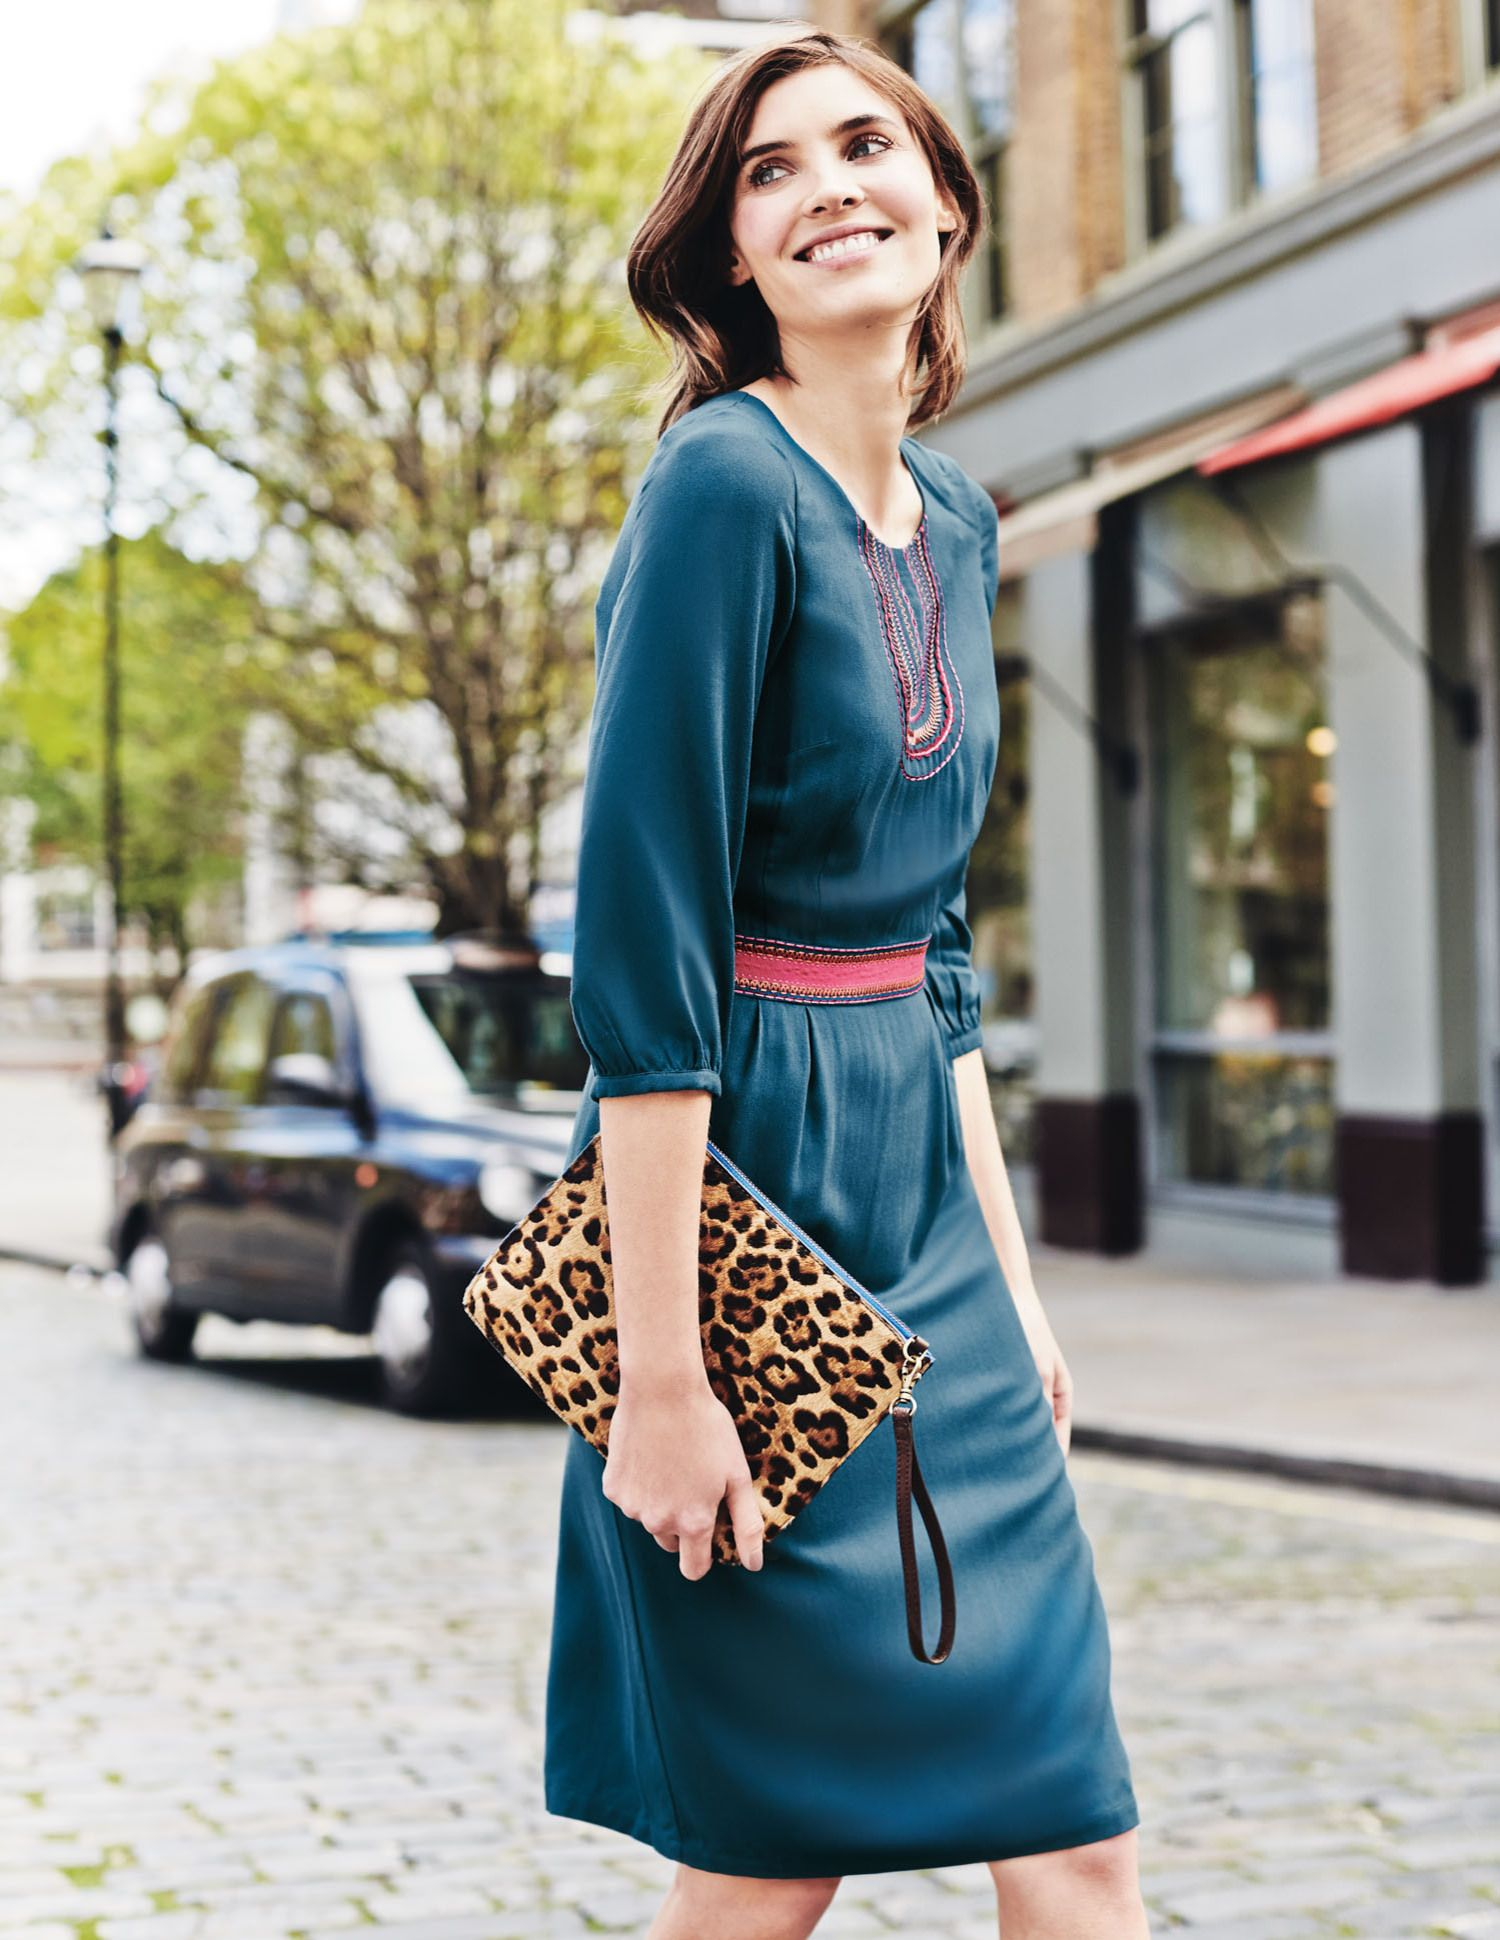 Boden Carla dress  Tageskleider, Kleider für frauen, Boden kleider